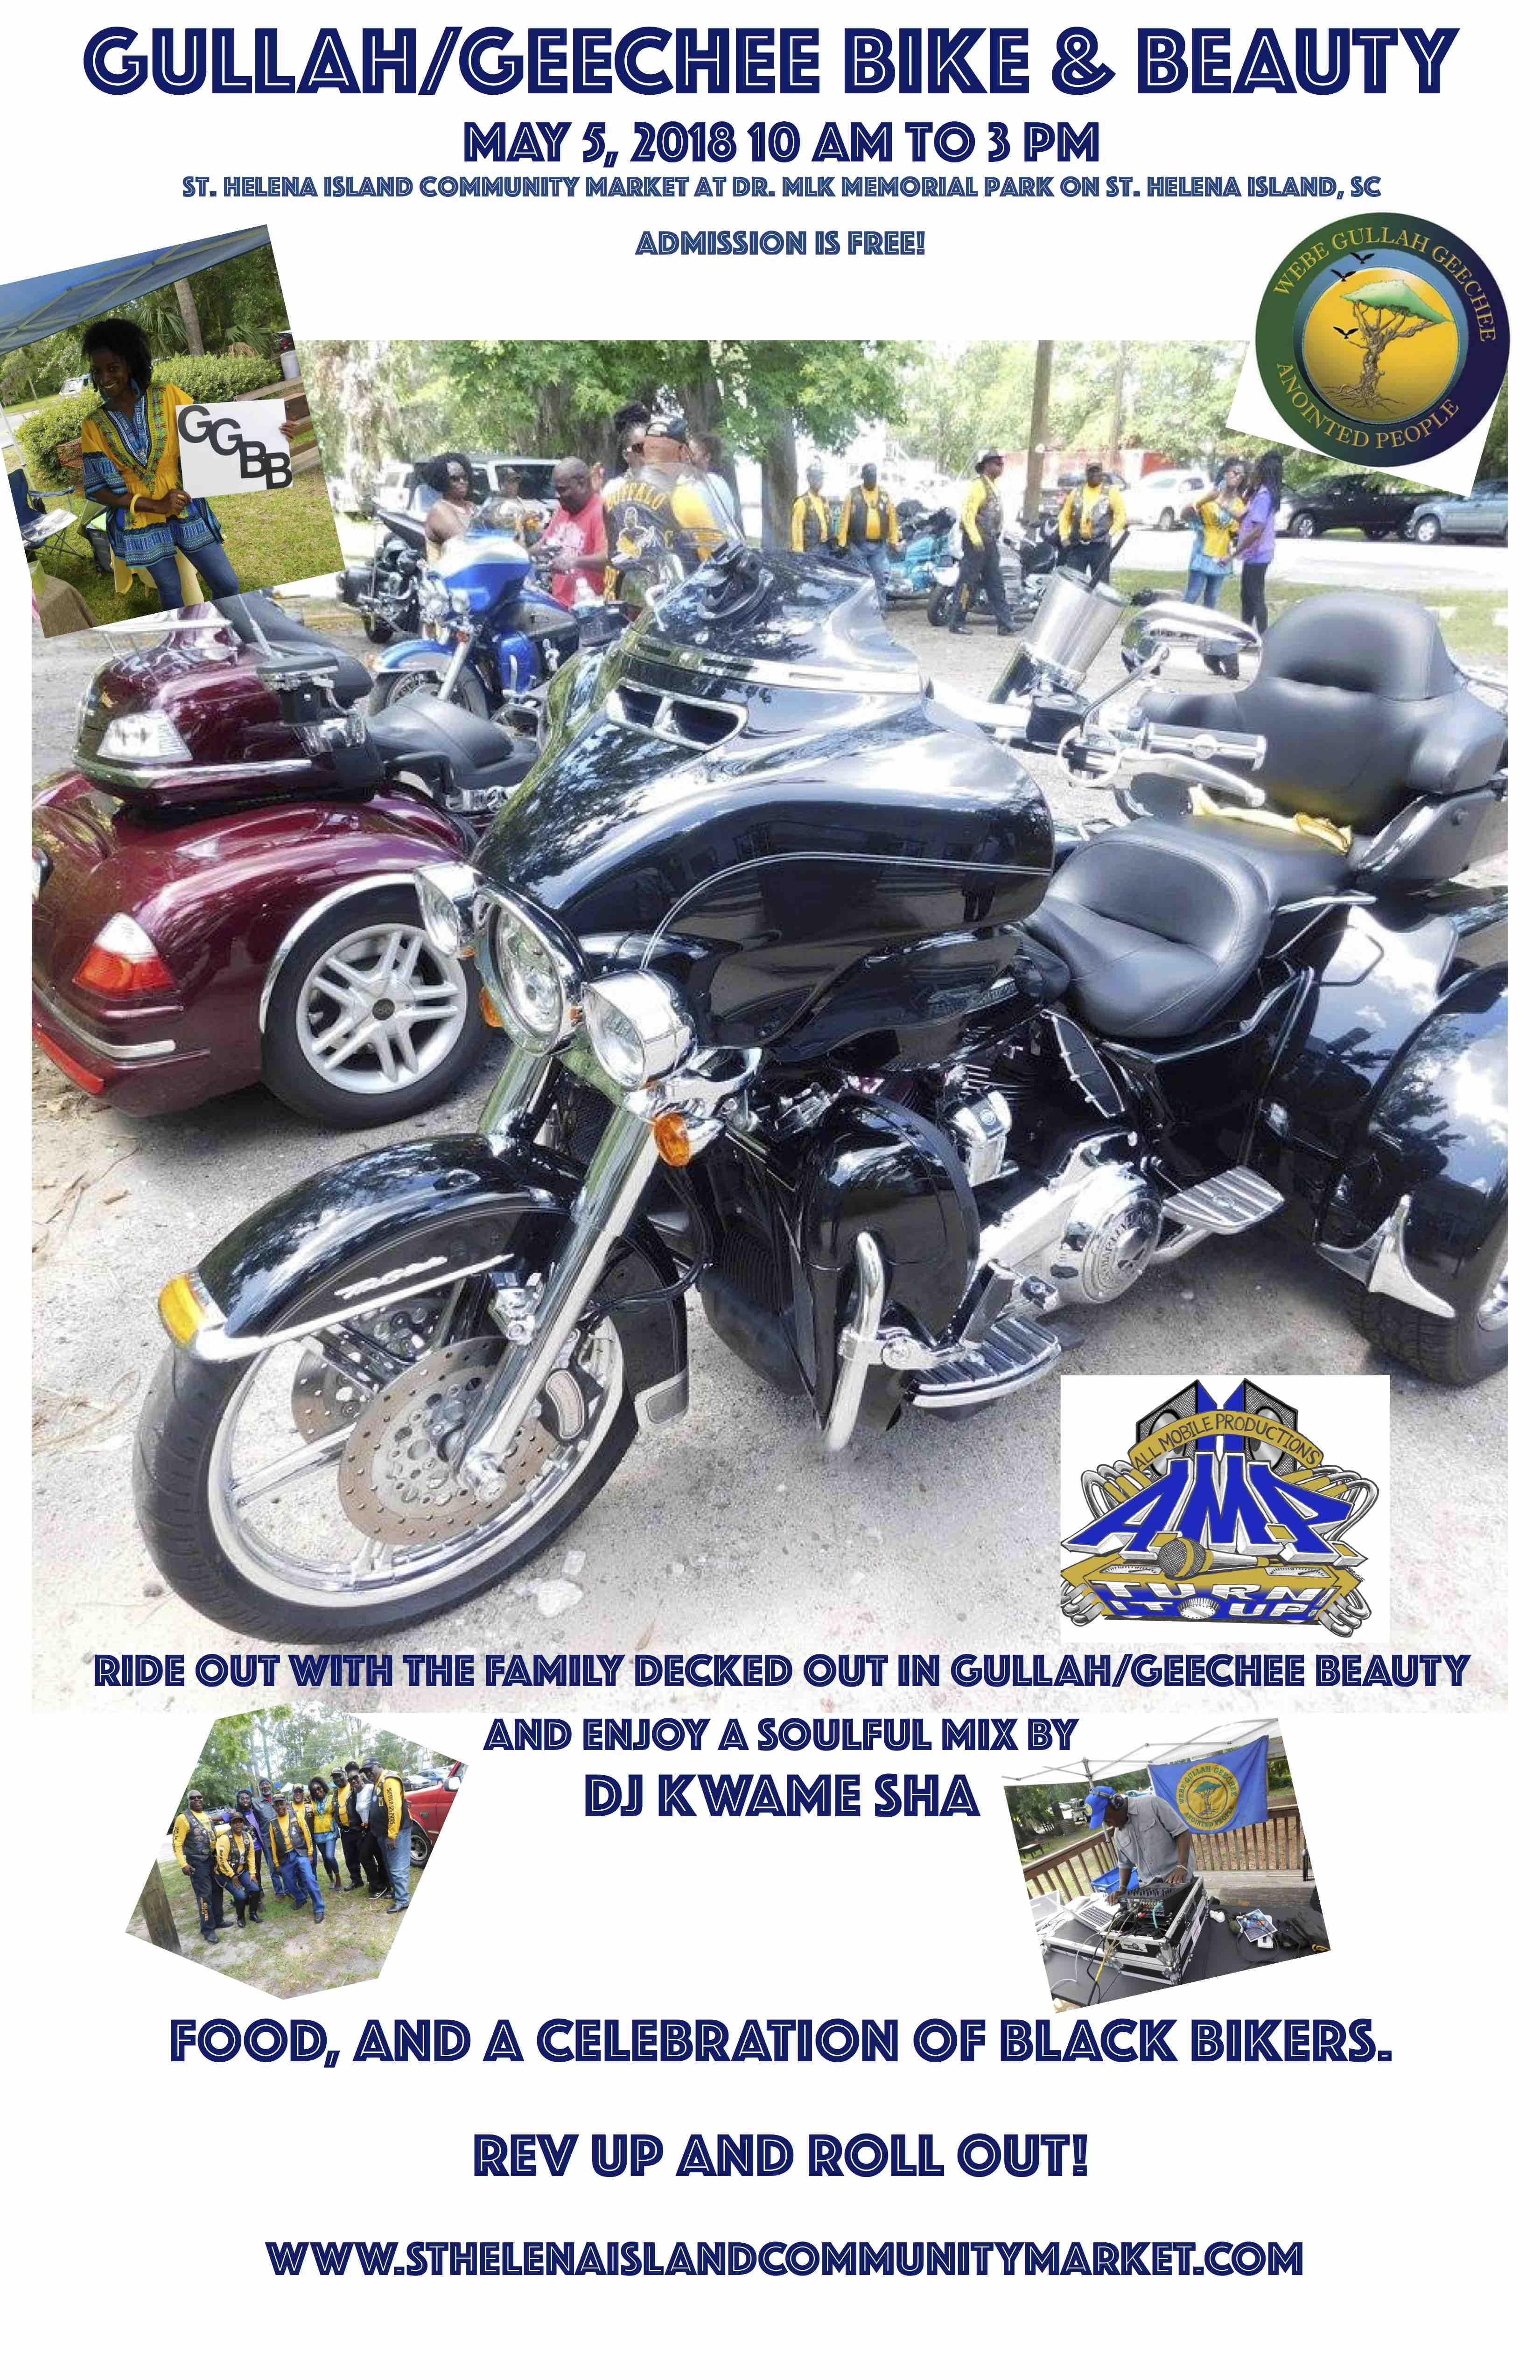 Gullah/Geechee Bike & Beauty 2018 Poster